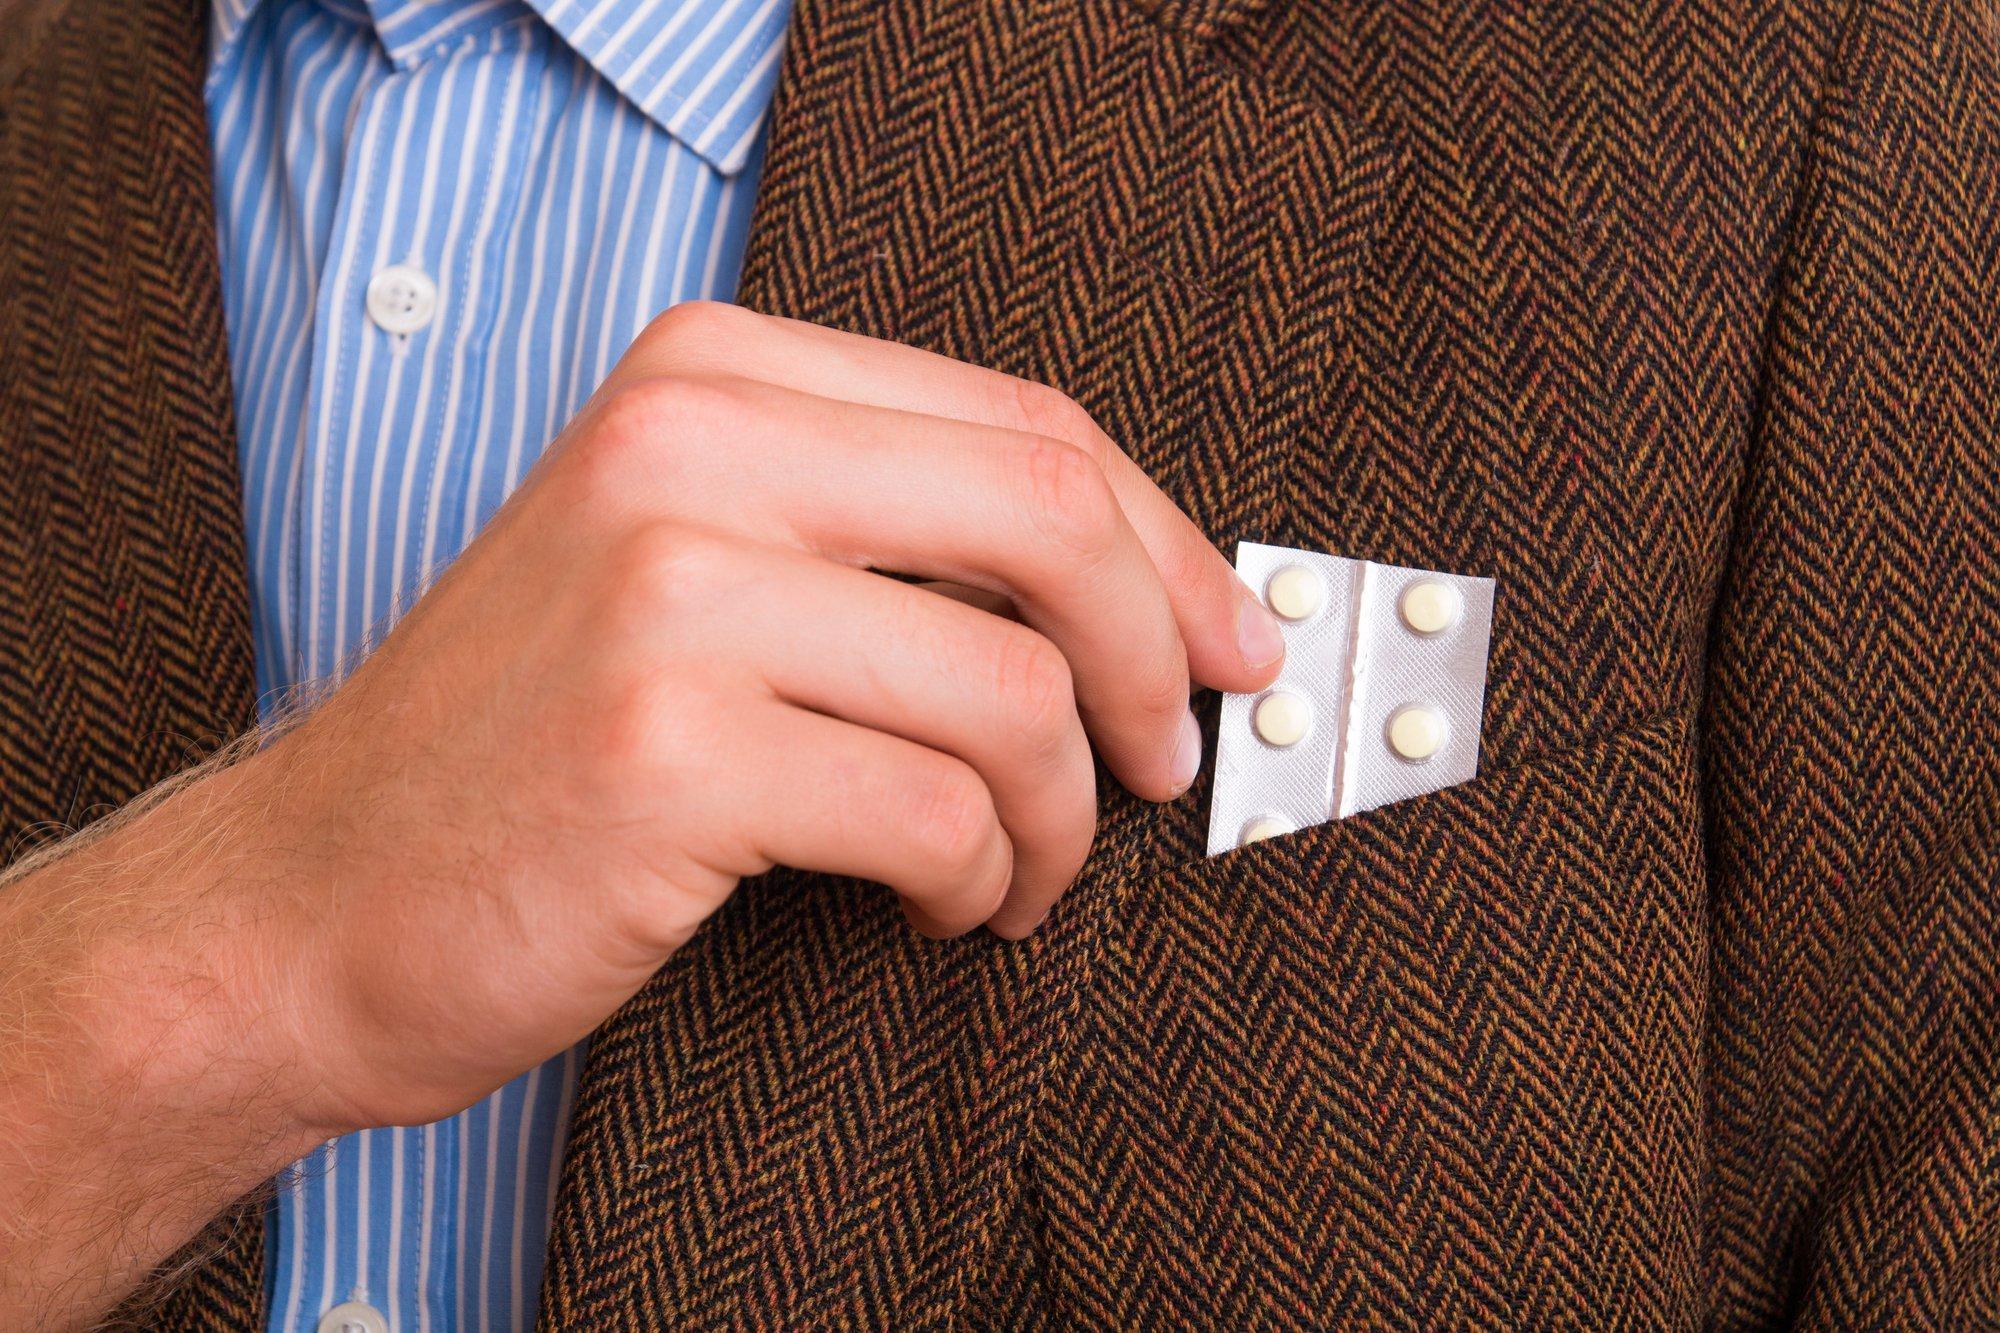 pill-in-the-pocket-atrial-fibrillation